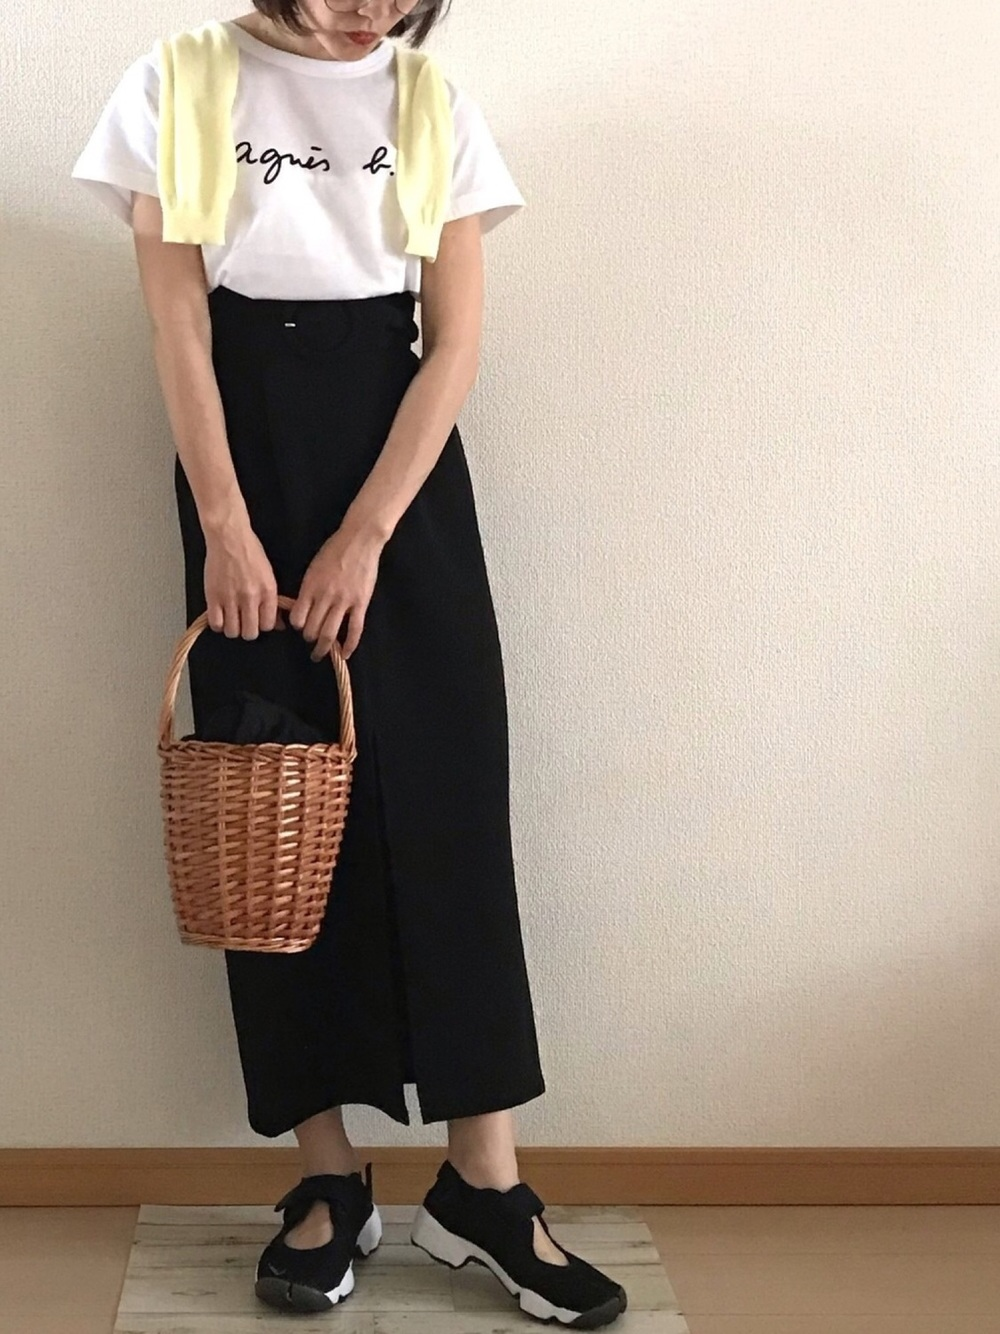 Tシャツとタイトスカートのモノクロコーデに淡い黄色のカーディガンを羽織る女性